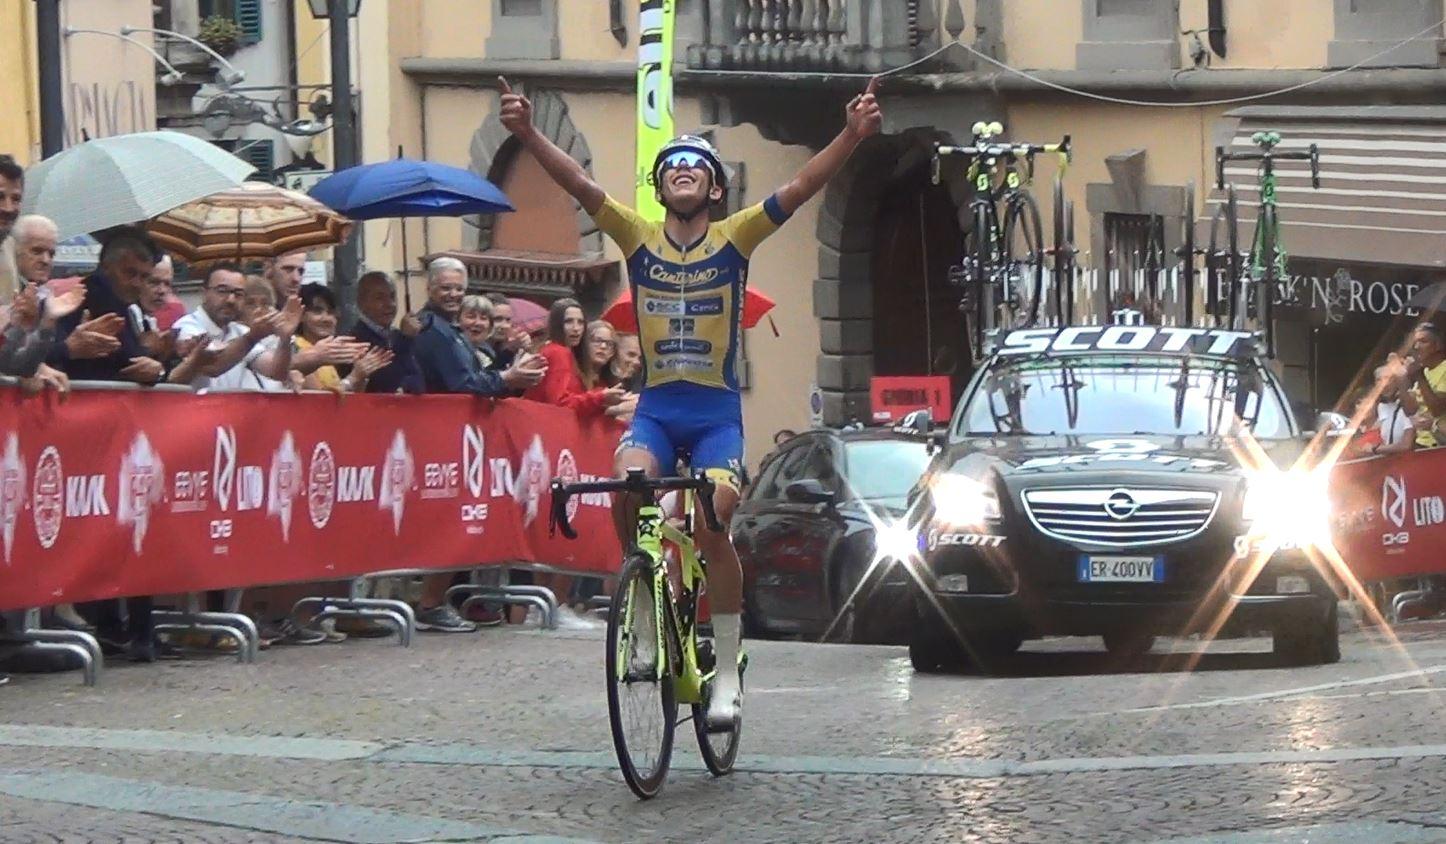 La vittoria di Alessandro Fancellu al Criterium 648 di Clusone